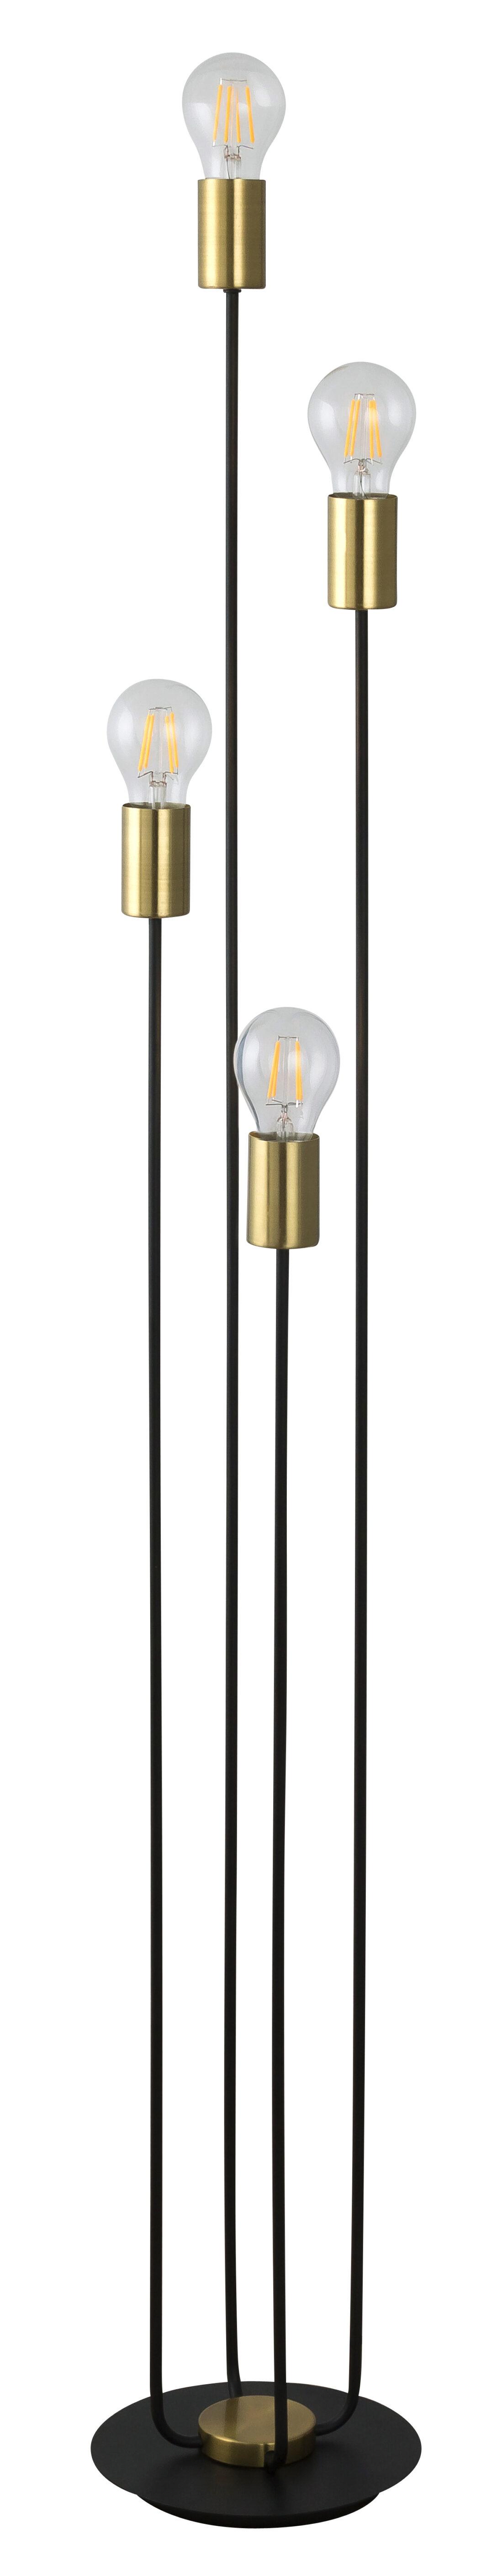 Large Size of Stehlampen Stehleuchten Online Kaufen Wohnzimmer Stehlampe Moderne Duschen Bilder Modern Schlafzimmer Deckenlampen Deckenleuchte Landhausküche Esstisch Küche Wohnzimmer Stehlampe Modern